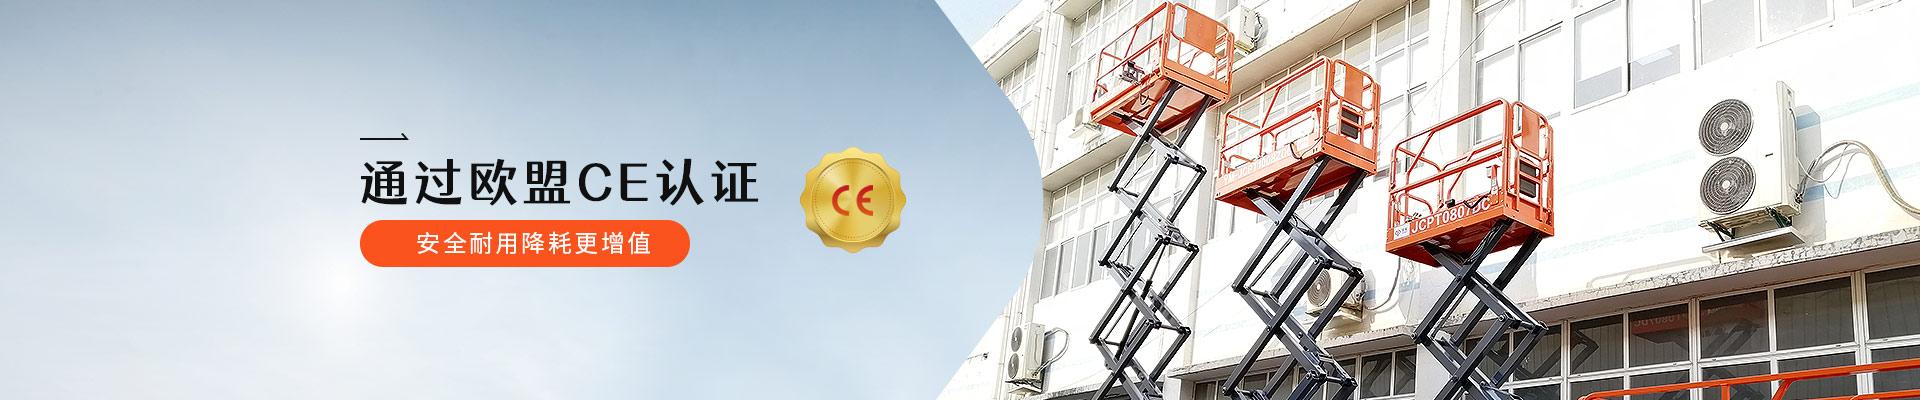 合肥亚美剪叉式高空作业平台-通过欧盟CE认证,安全耐用降耗更增值